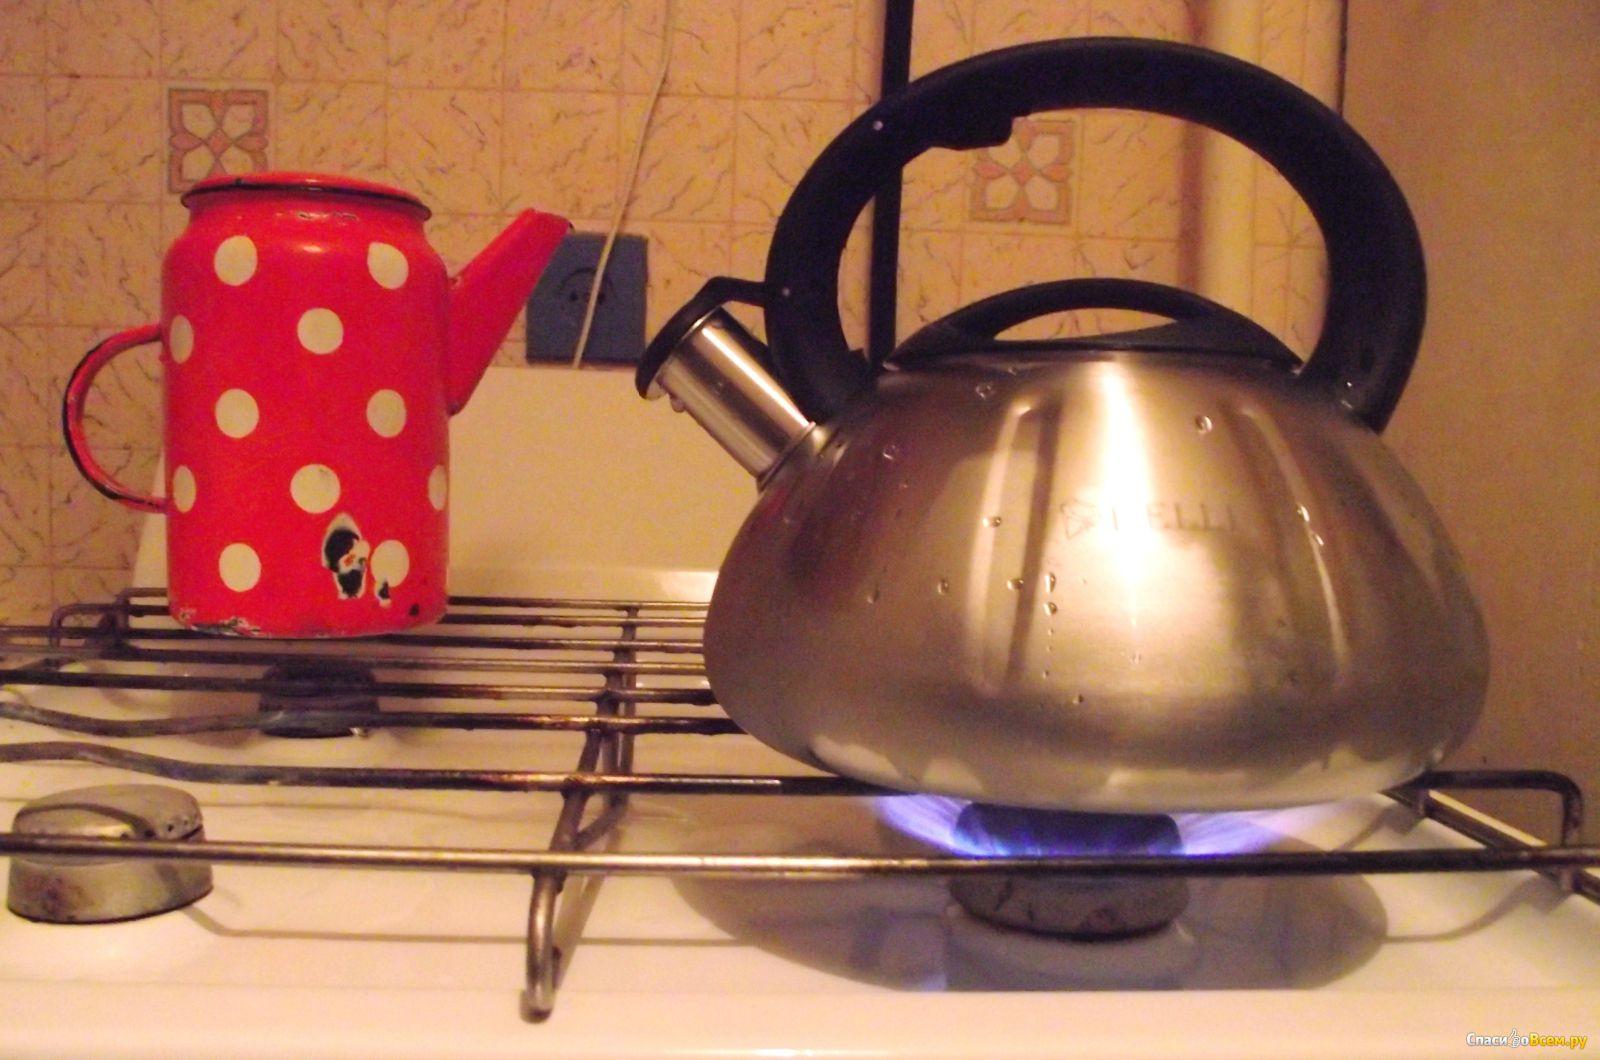 Как выбрать чайник для кипячения воды на газу